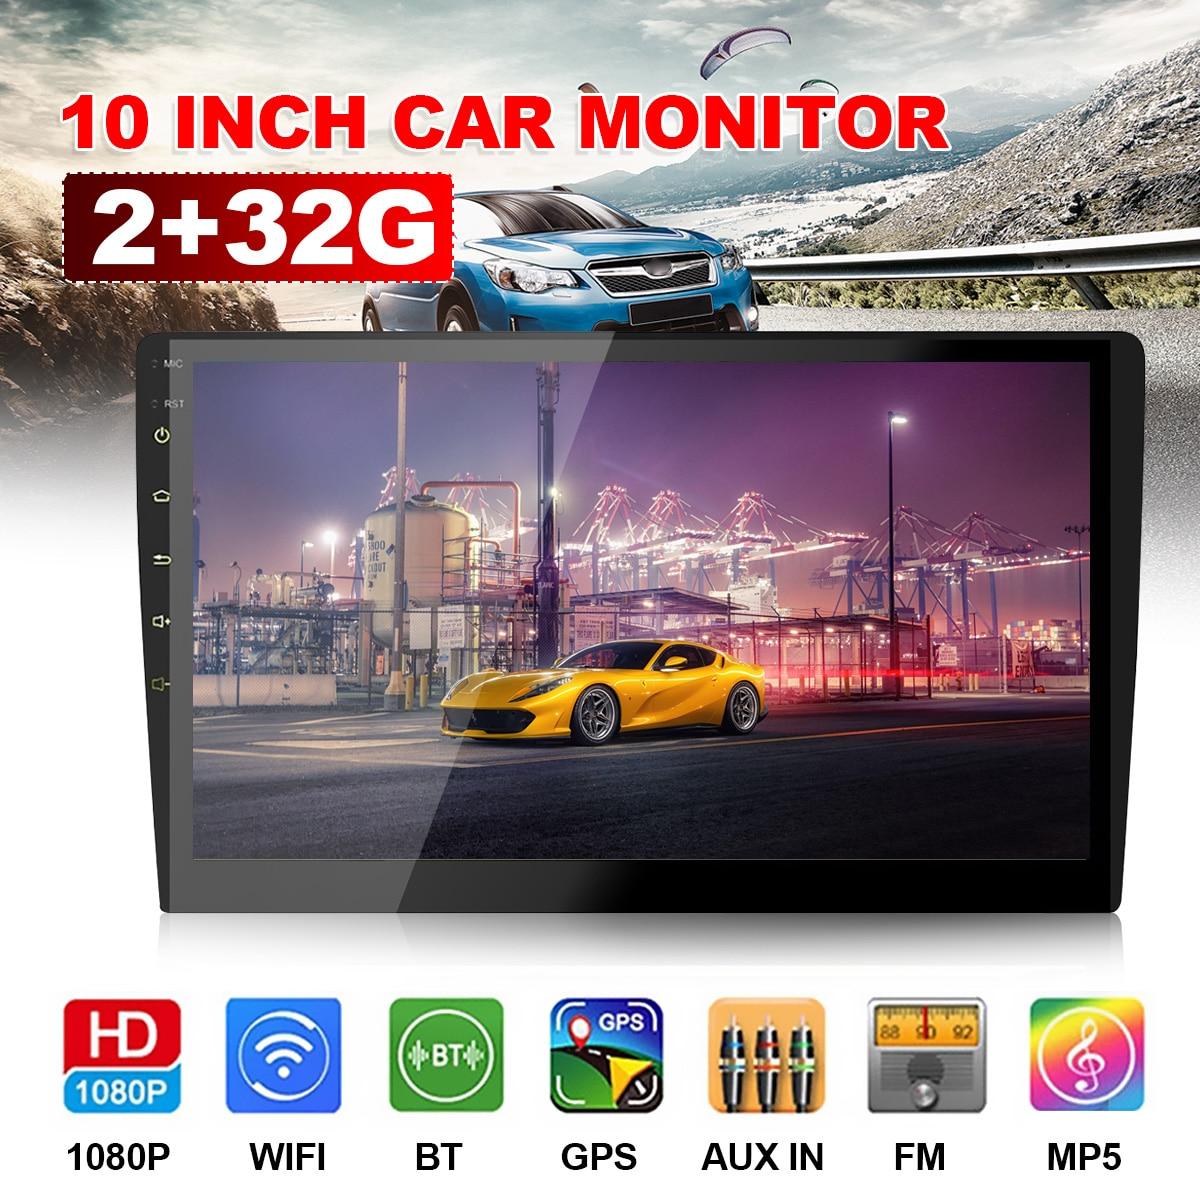 10 дюймов Full HD 2 + 32G Автомобильный мультимедийный плеер 2 din Android автомобильный стерео радио bluetooth WIFI Аудио стерео автомобильный MP5 плеер с GPS